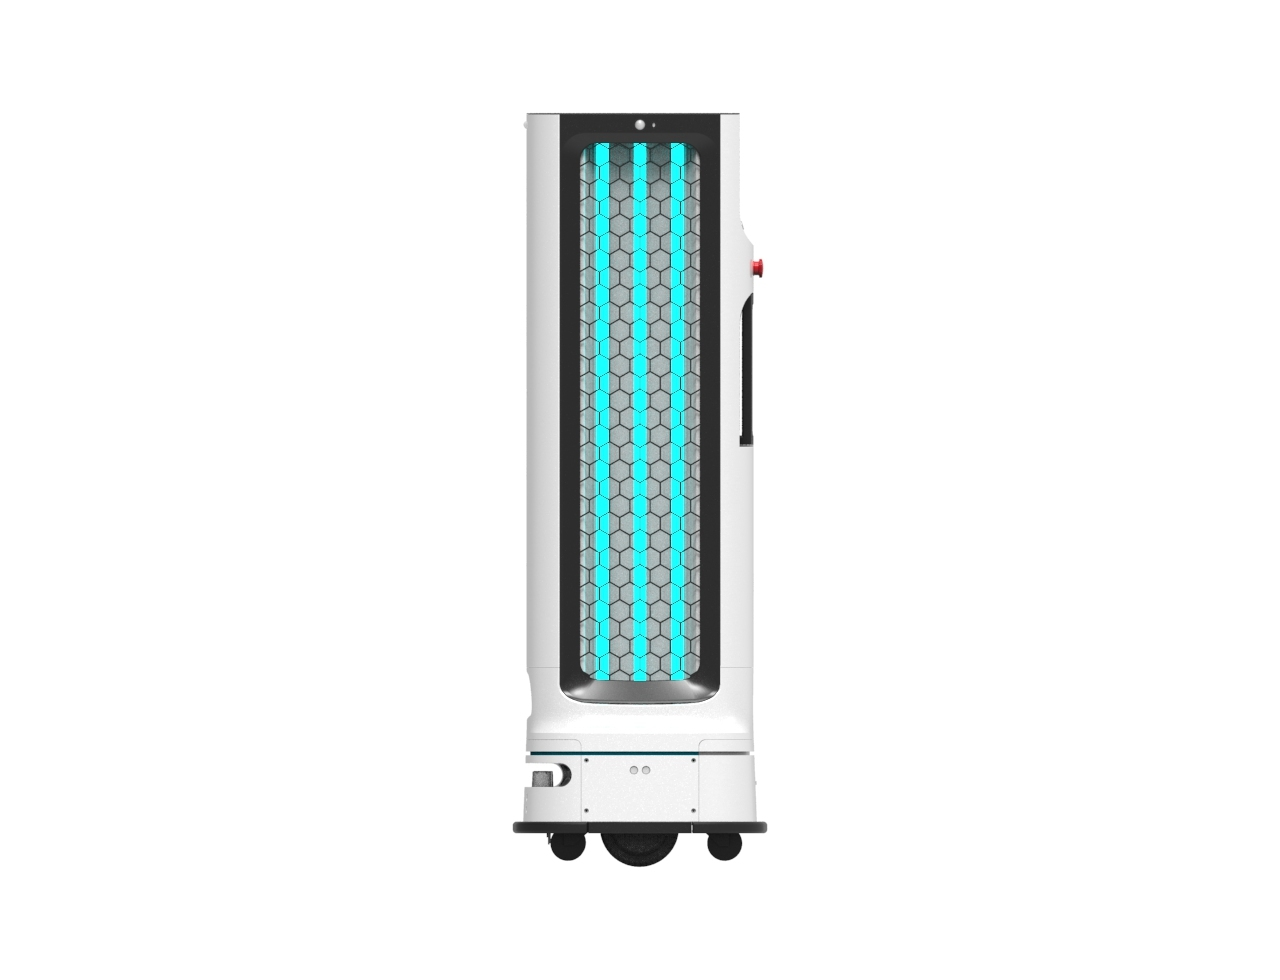 CLOi DisinfectBot (LG Electronics)